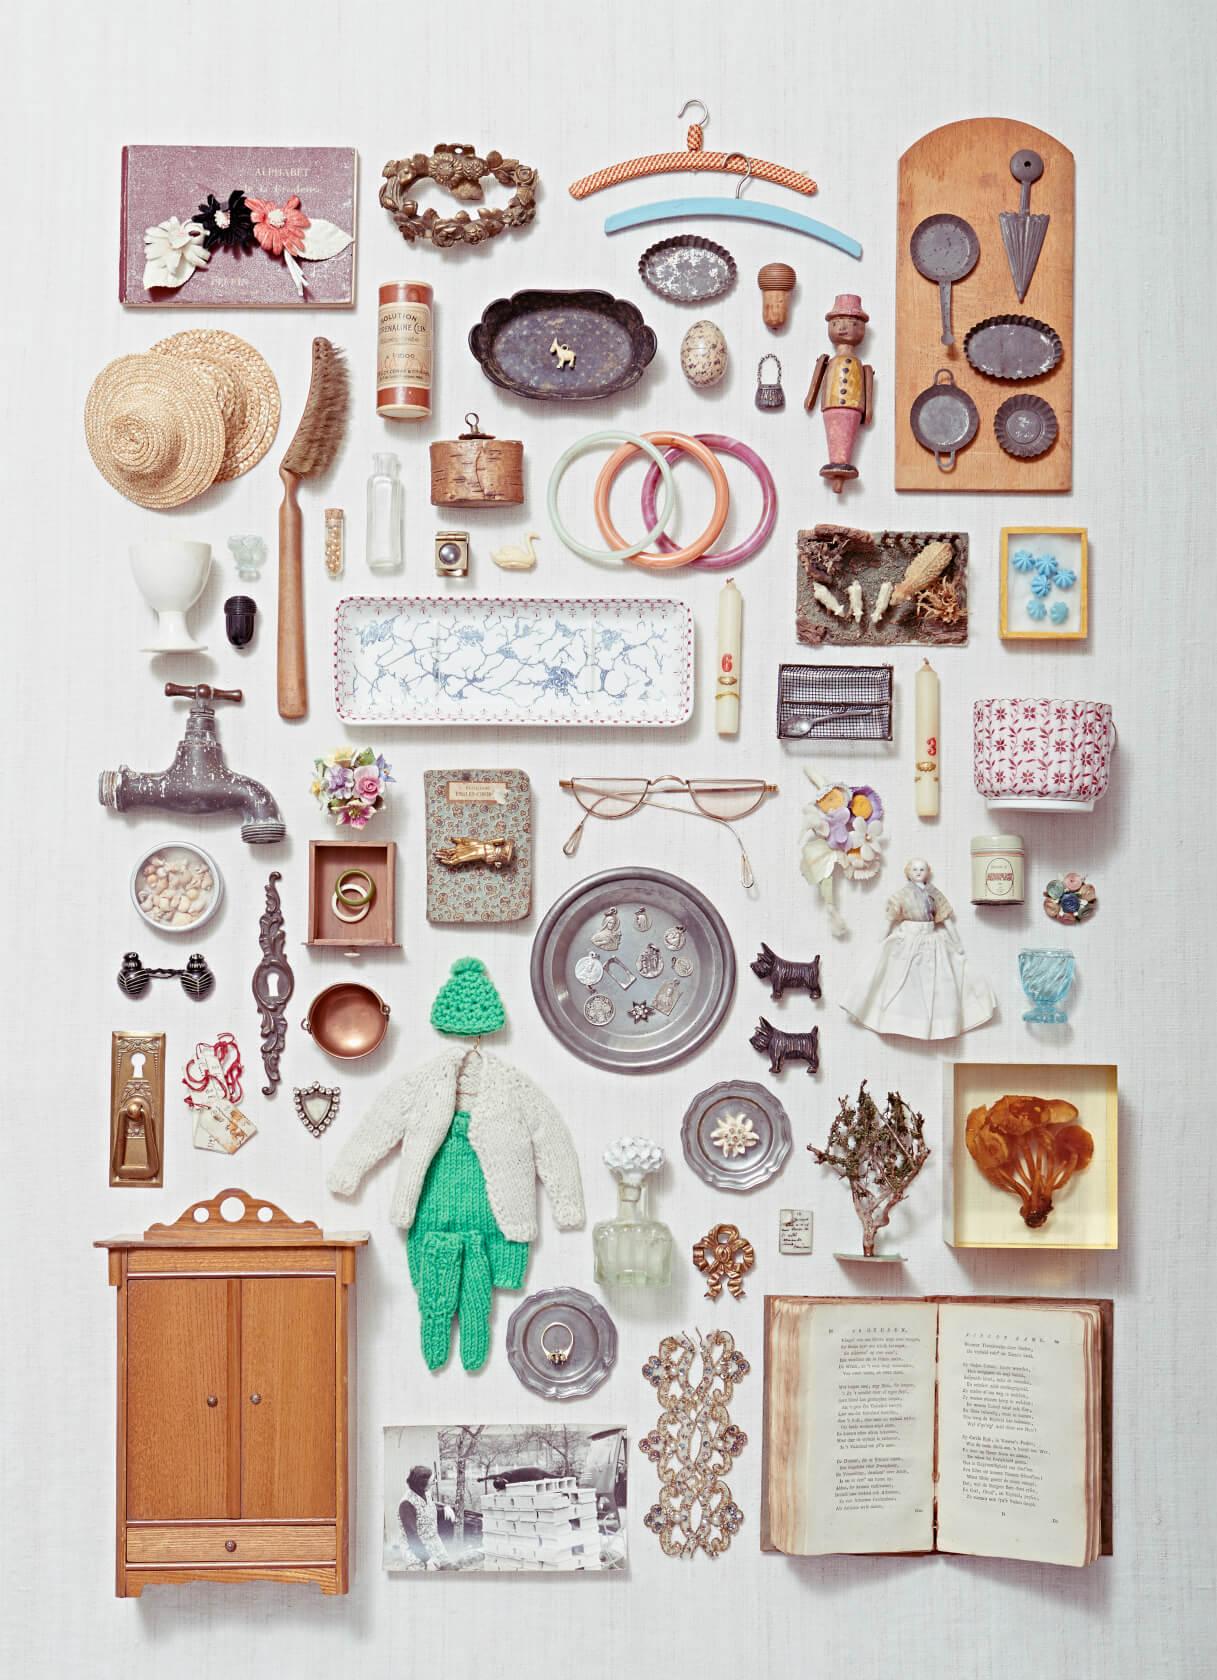 アンティークの魅力を再発見『東京小さいものクラブ 〜world antiques jewelry & wonderful small world〜』(東京・表参道)